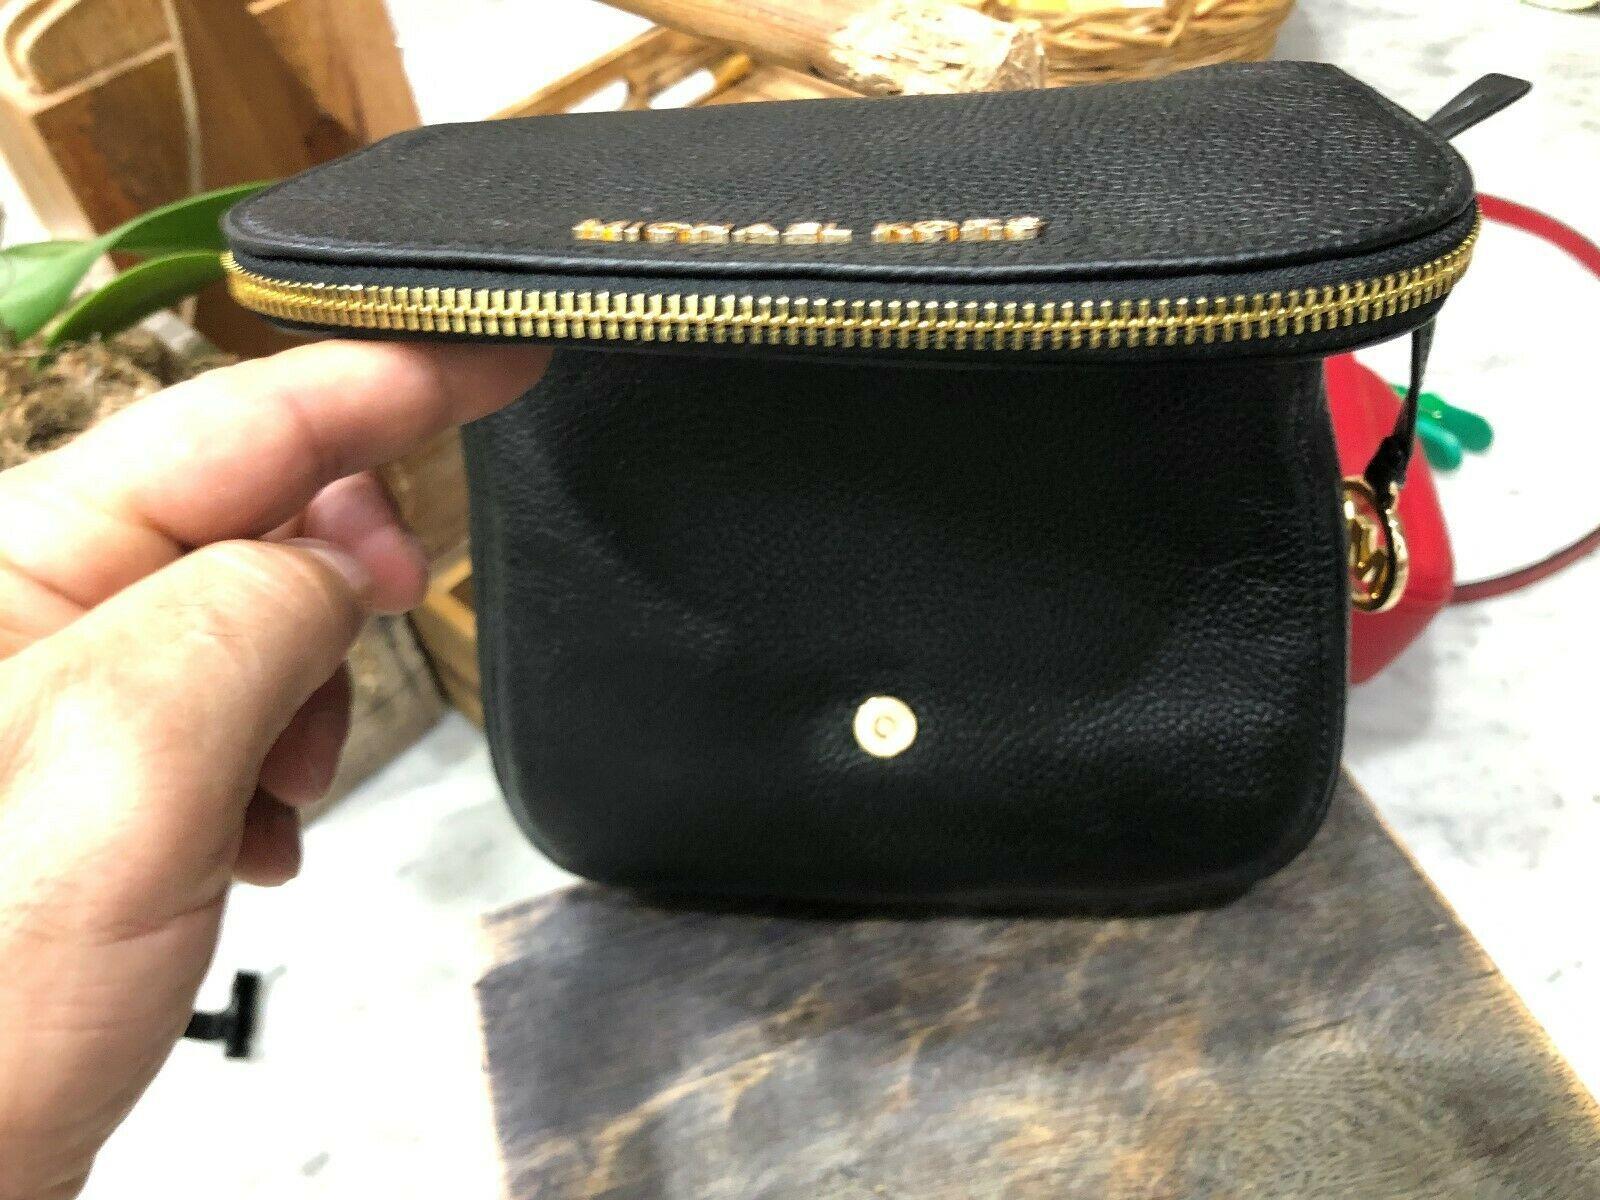 Michael Kors Classics Bedford Pocket Flap Small Crossbody Bag Pebbled $298 New image 9